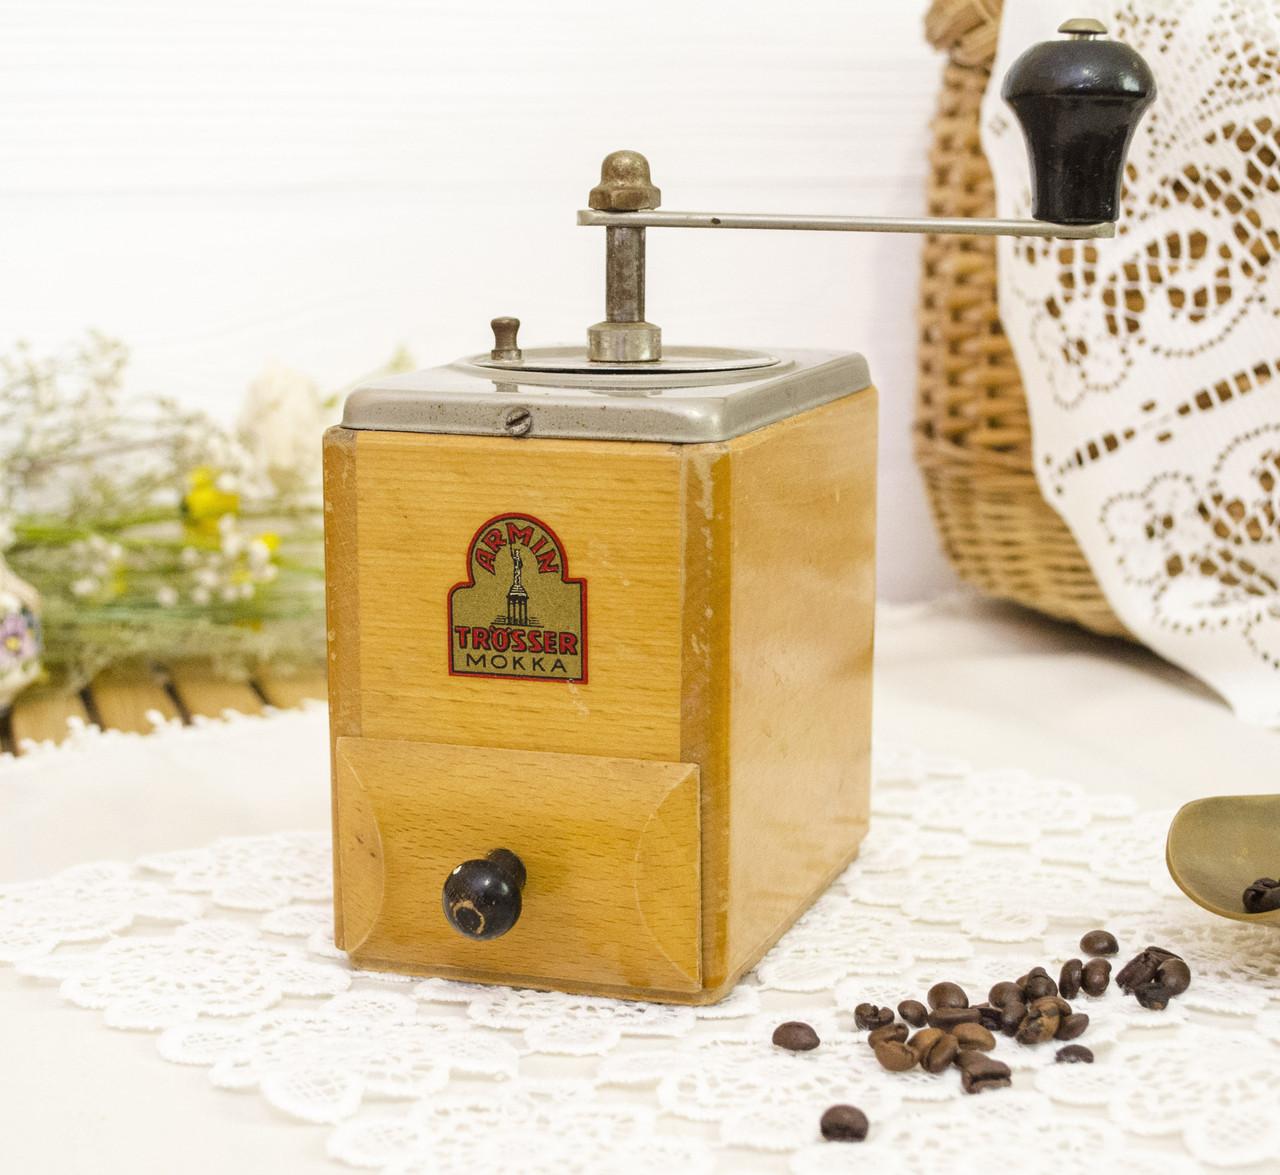 Старинная немецкая кофемолка, деревянный корпус, Armin Trosser Mokka, Германия